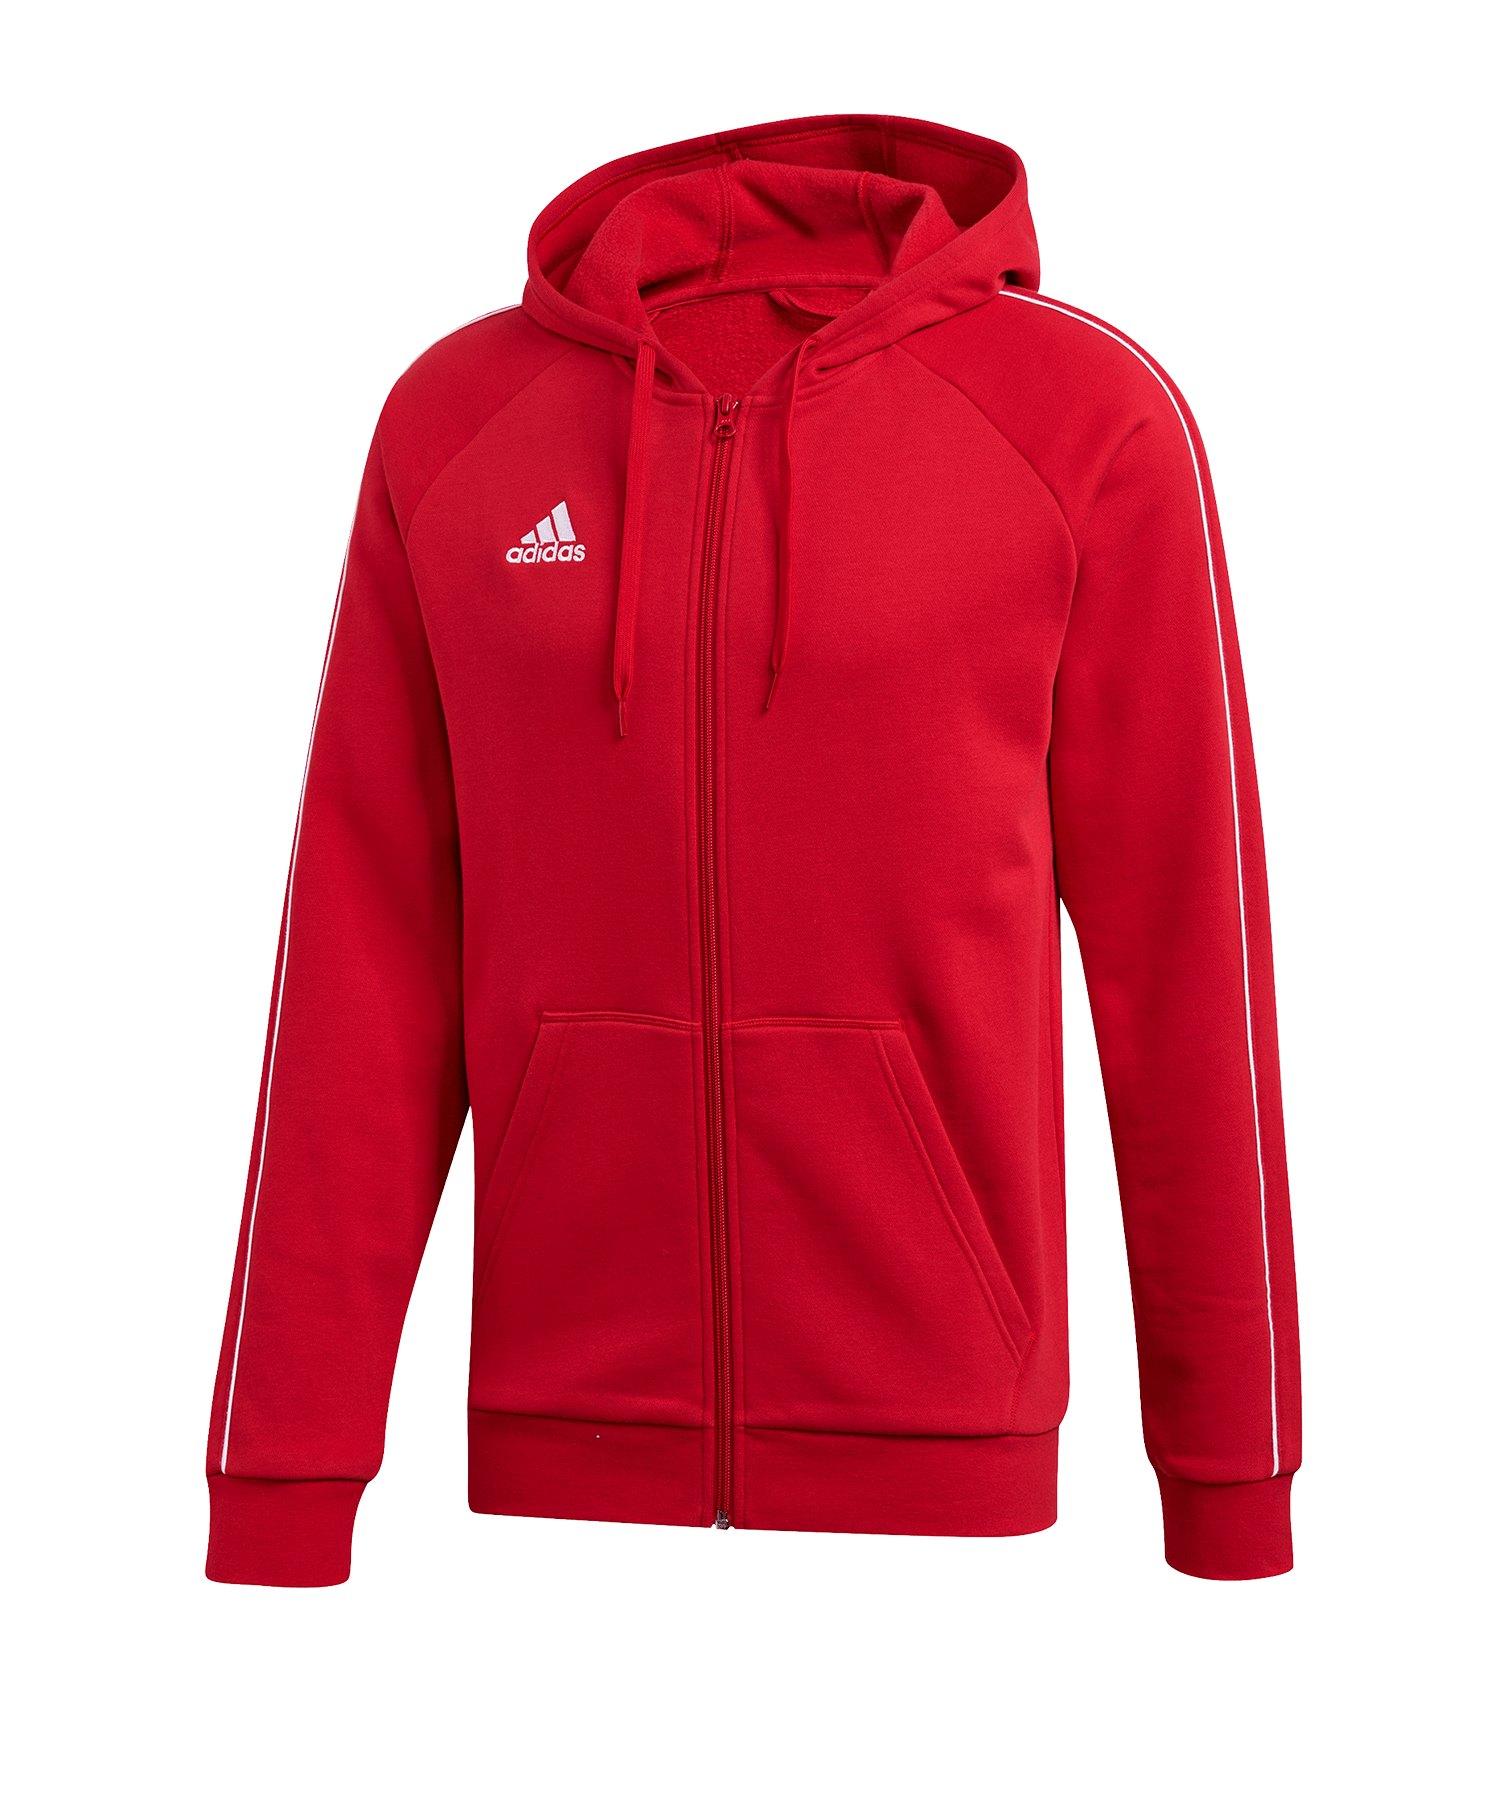 adidas Core 18 Kapuzenjacke Rot Weiss - rot